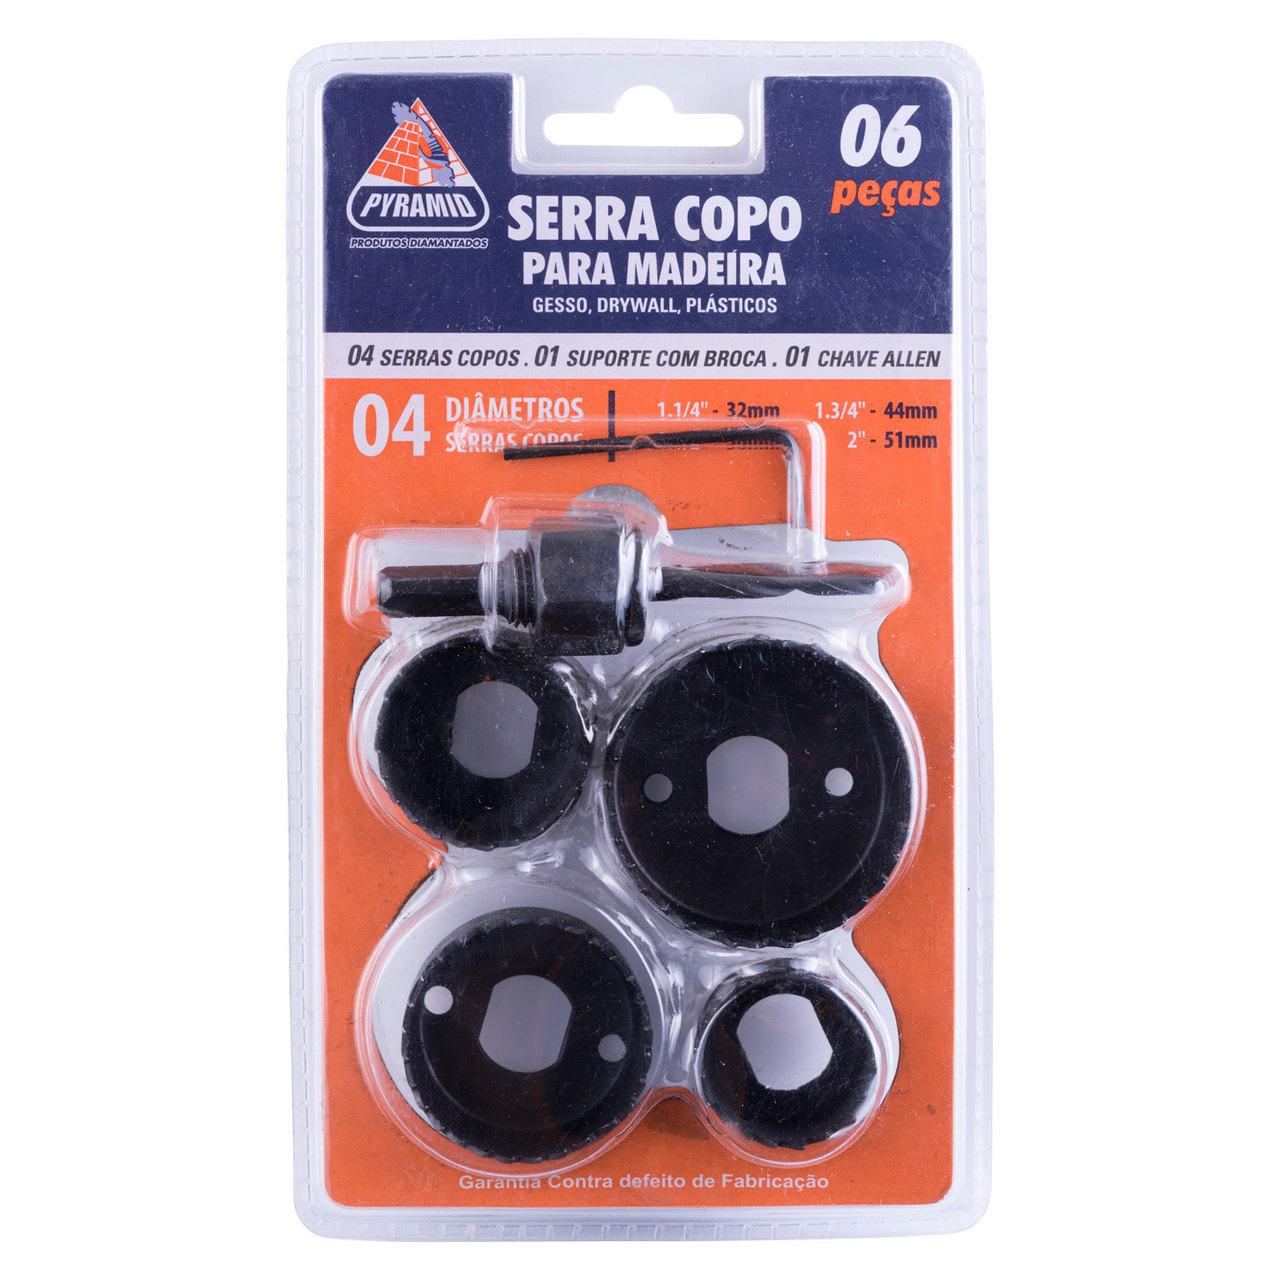 Kit Broca Serra Copo para Madeira 6 Peças 32 até 52mm